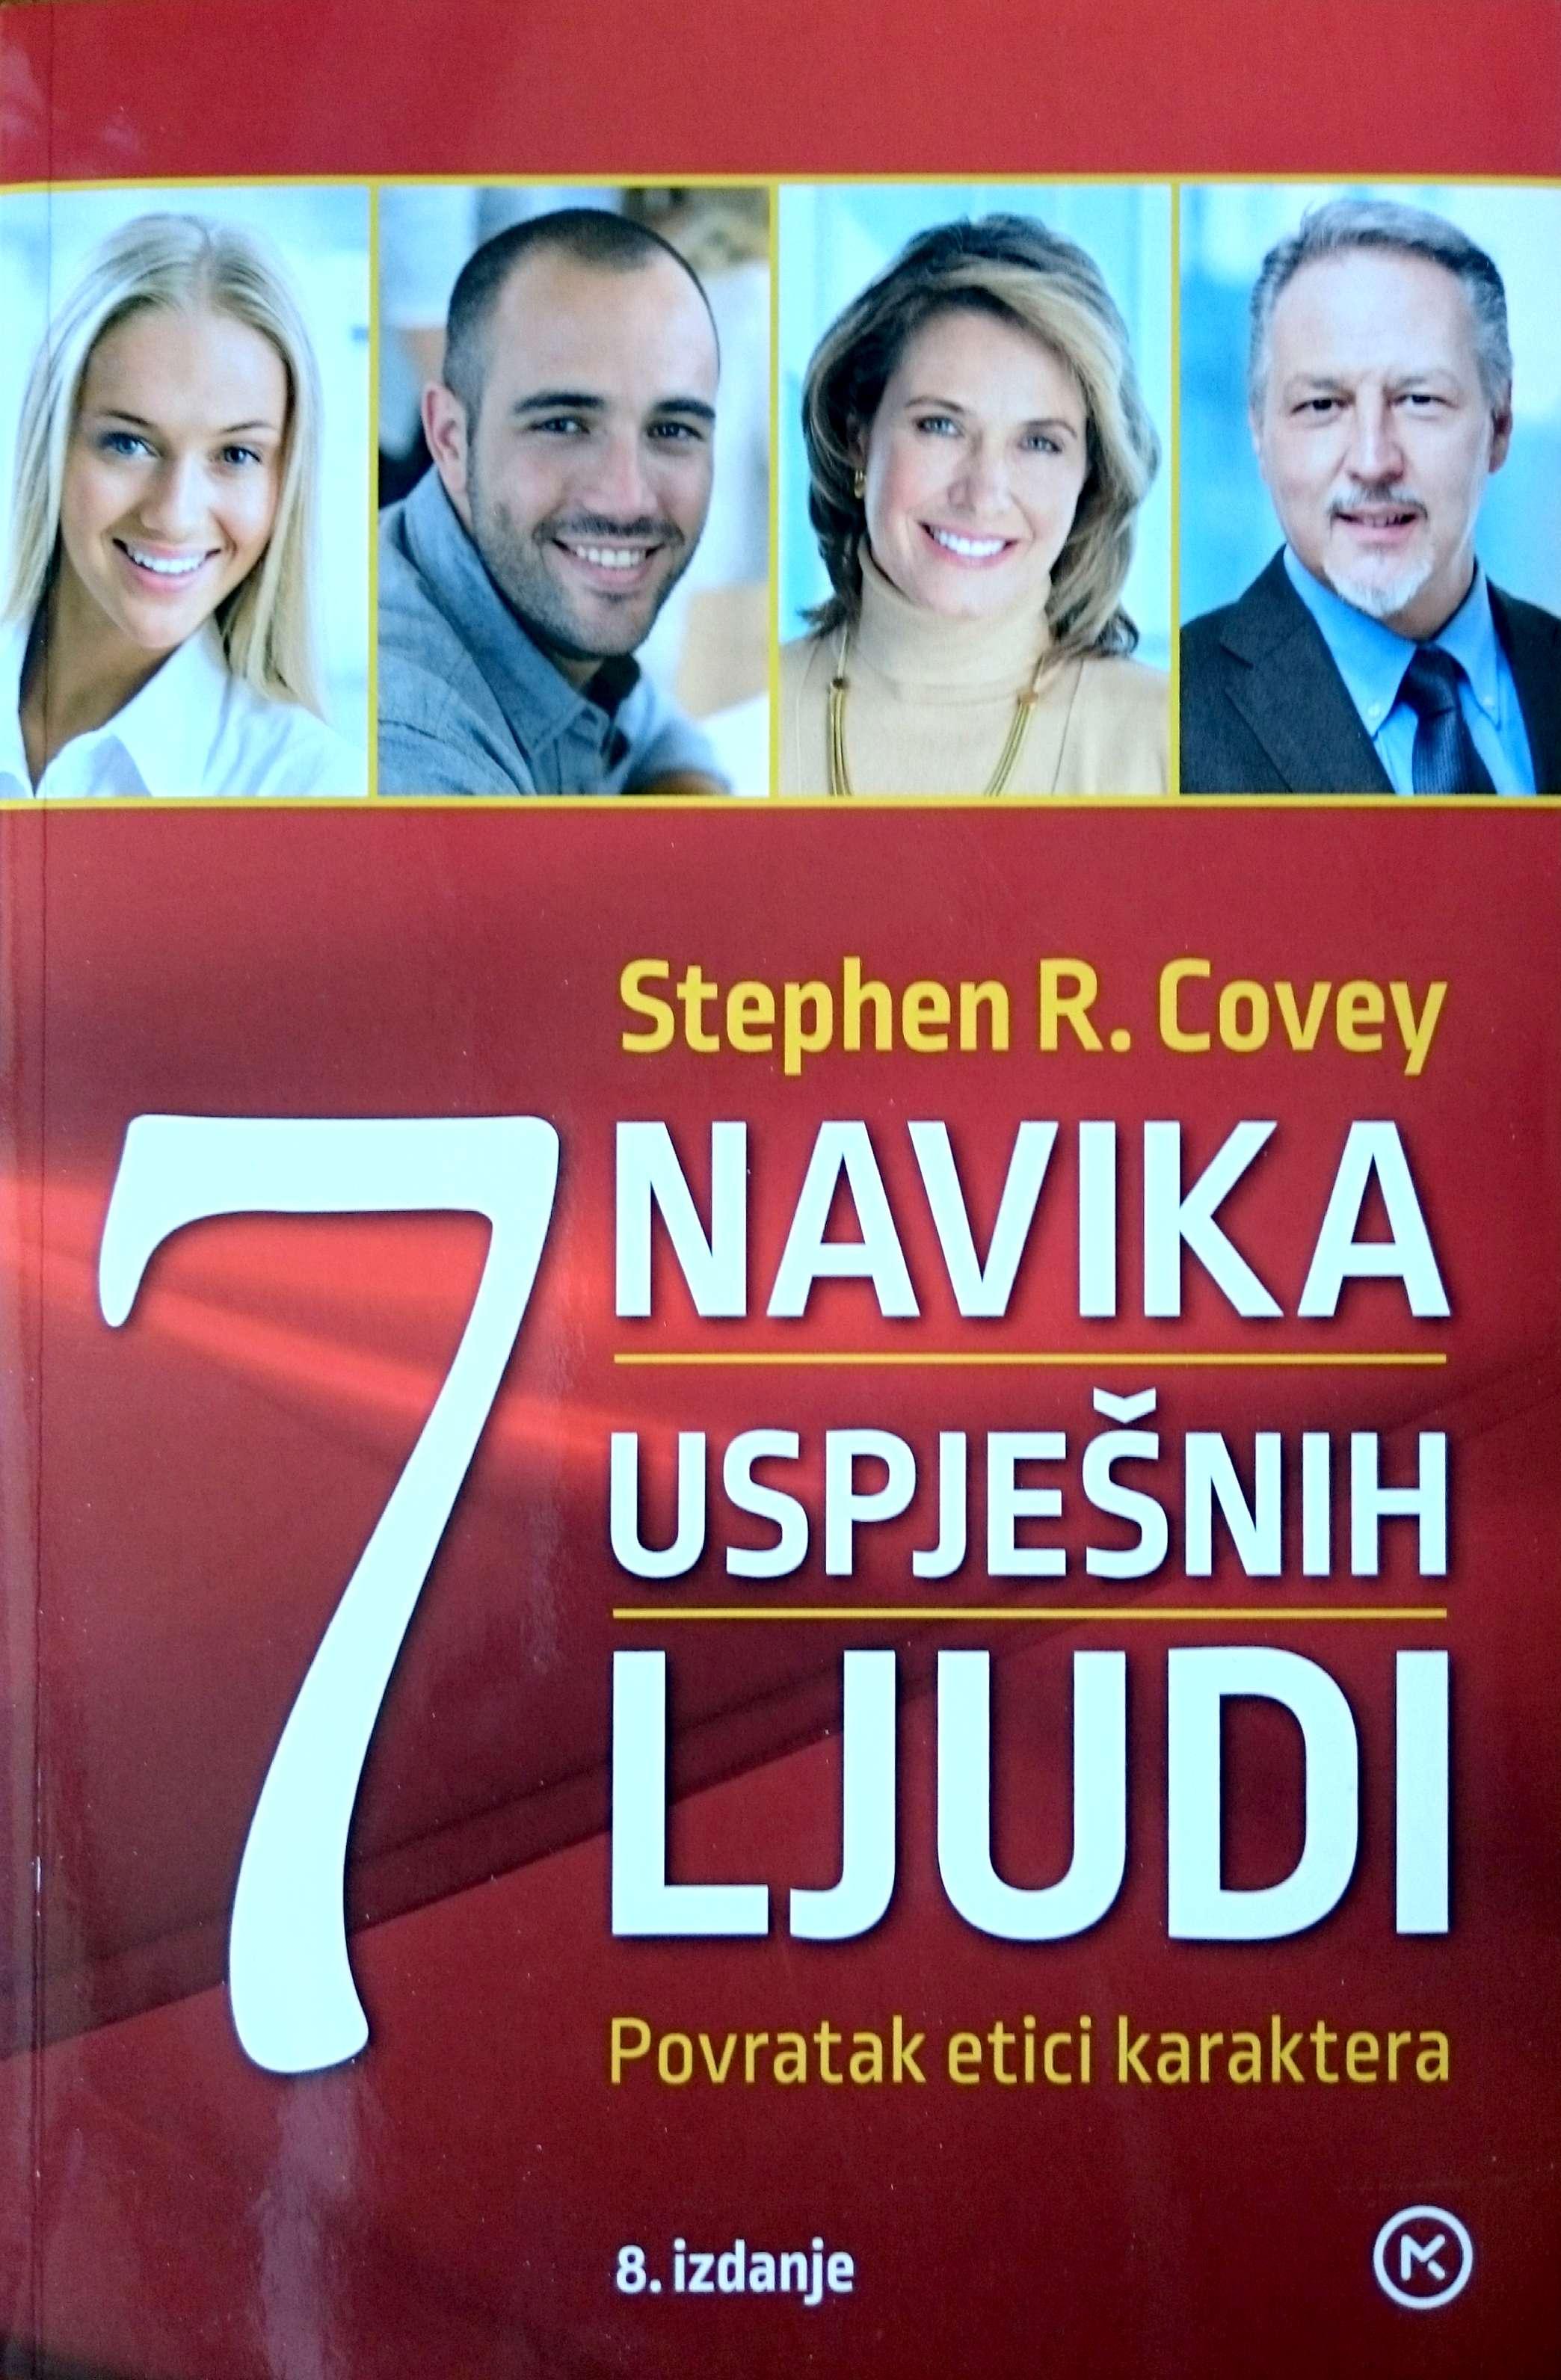 7 NAVIKA USPJEŠNIH LJUDI - Naruči svoju knjigu